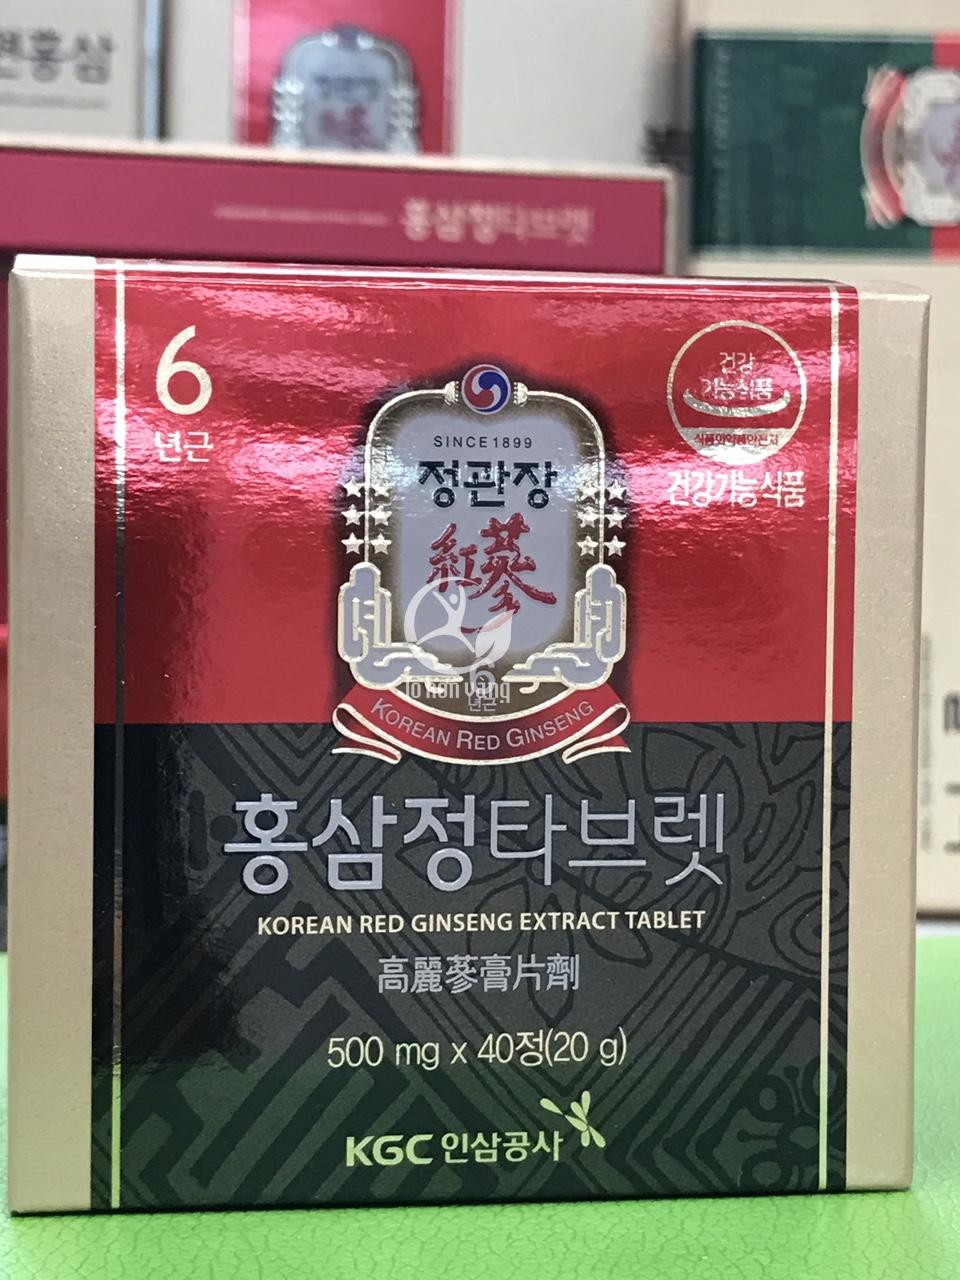 Viên cao hồng sâm KGC gồm 240 viên trên mỗi hộp